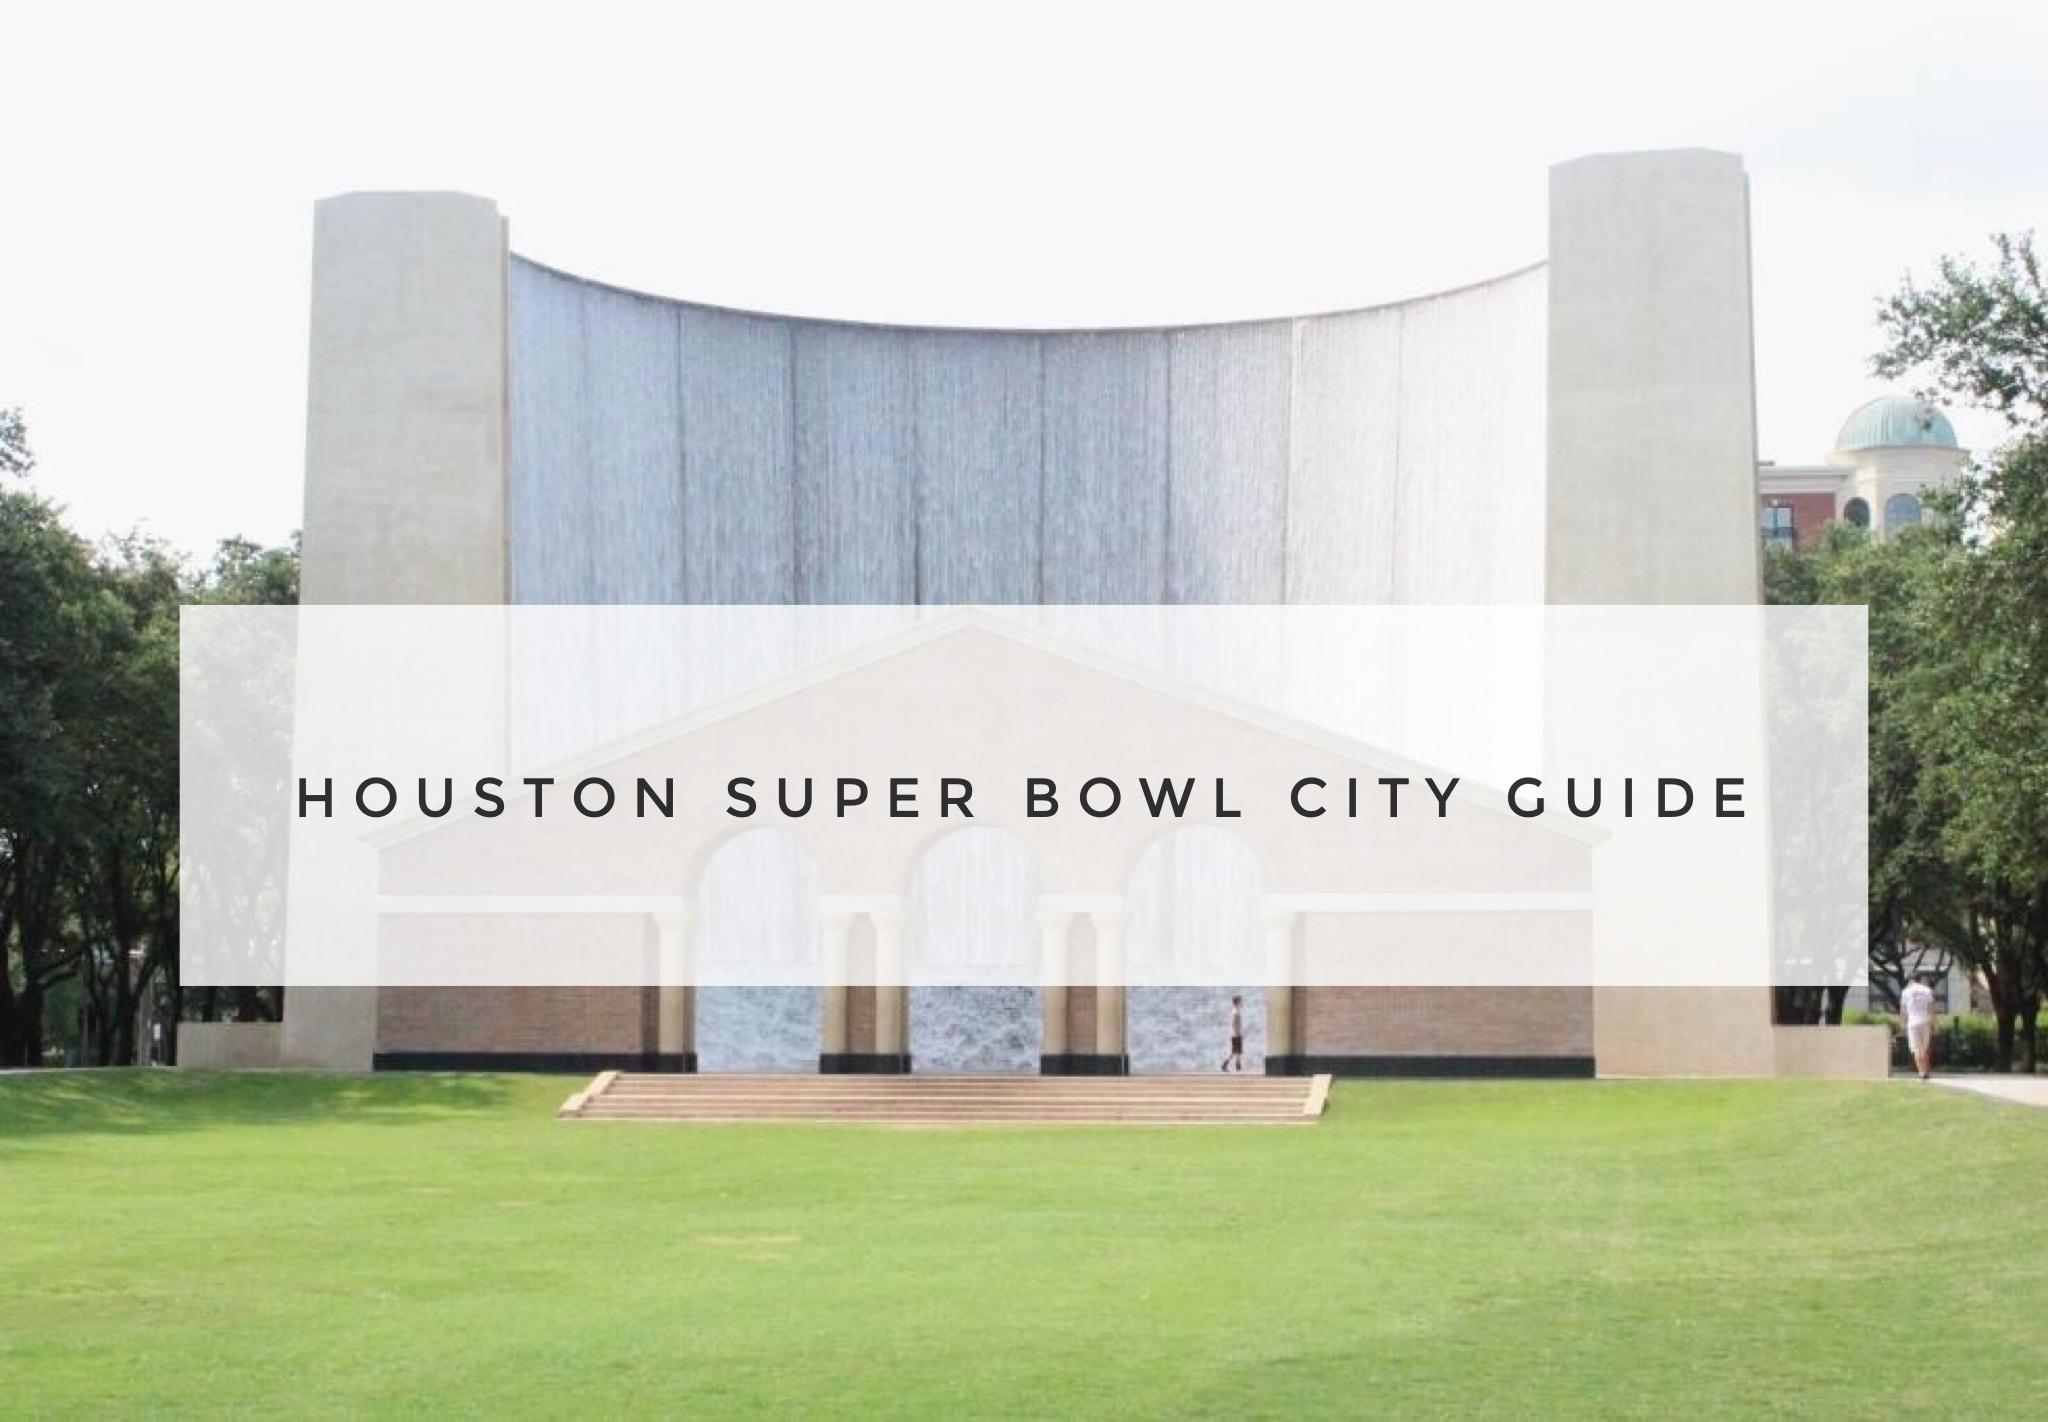 Houston City Guide For Super Bowl LI